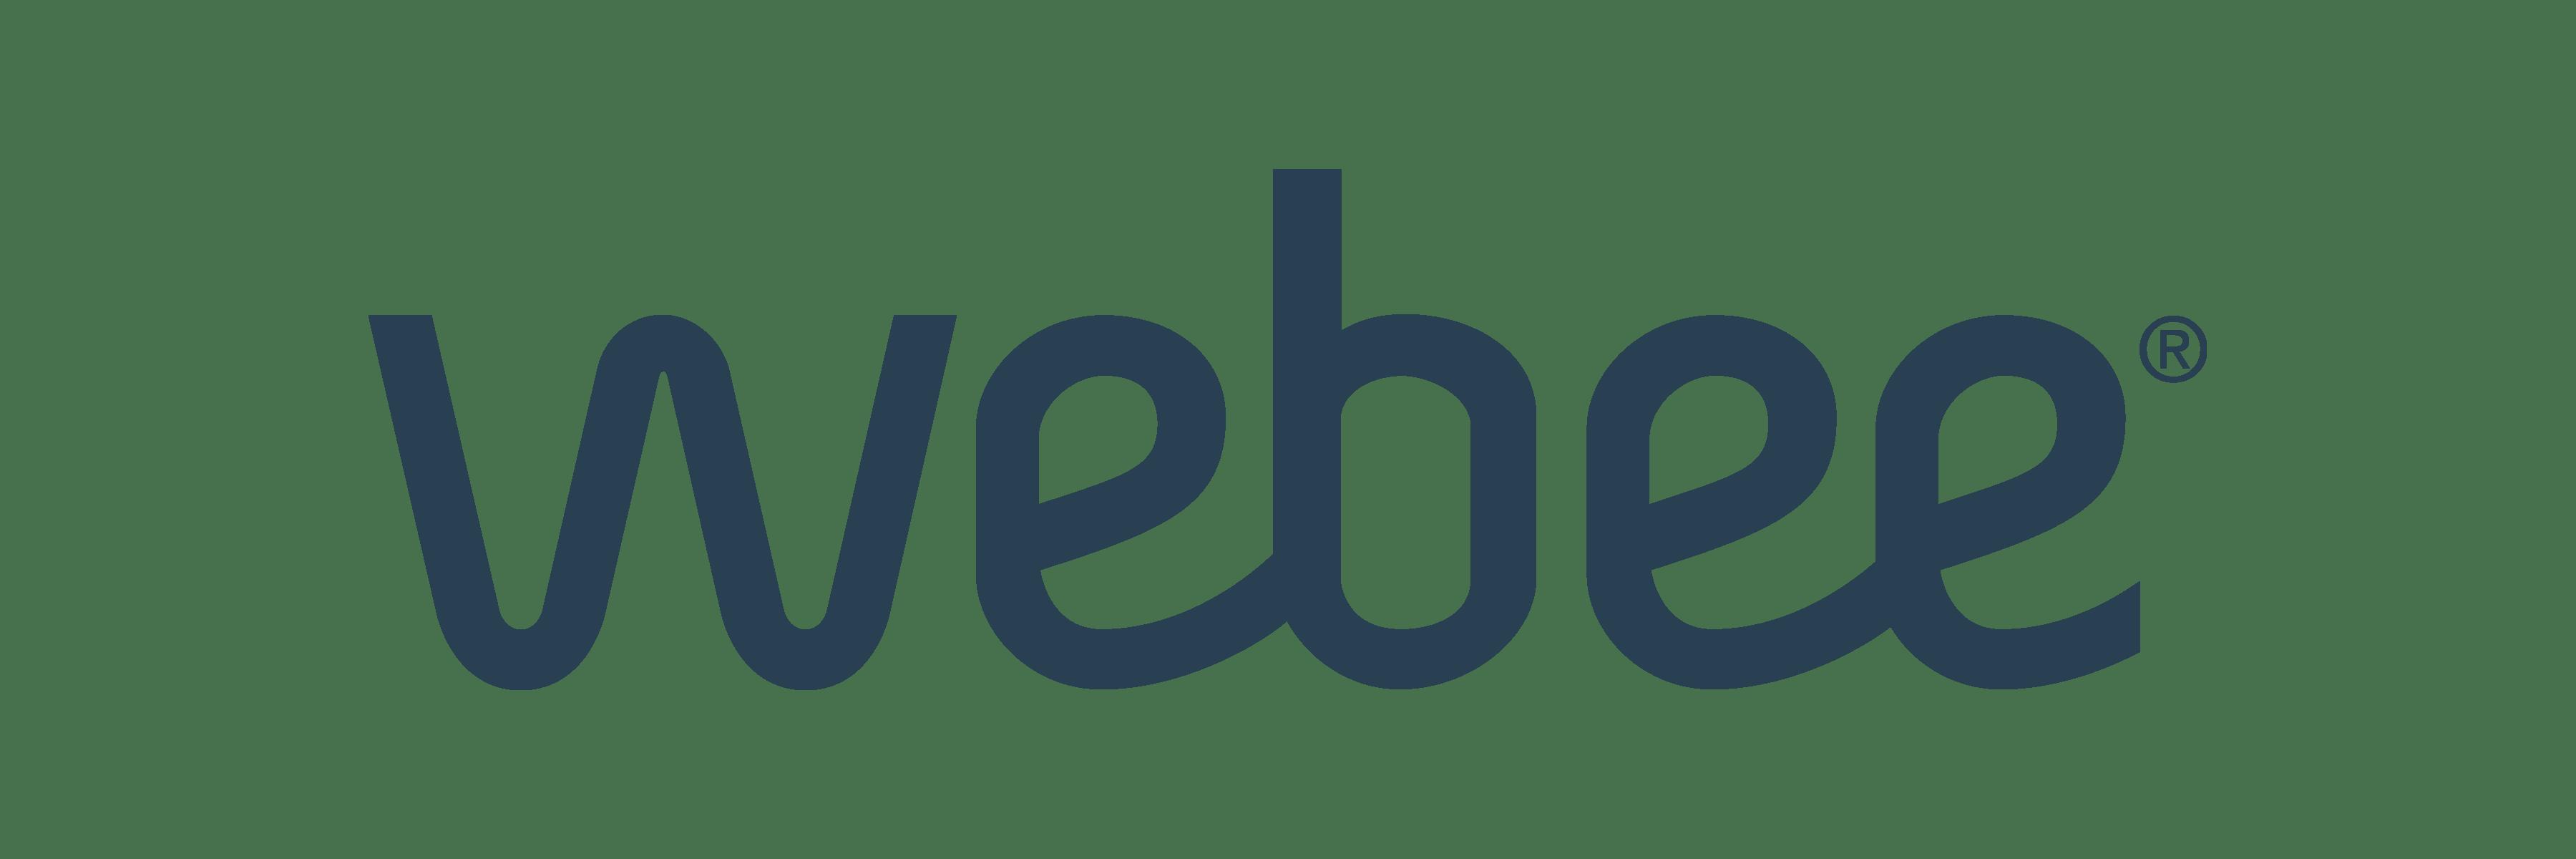 Webee company logo